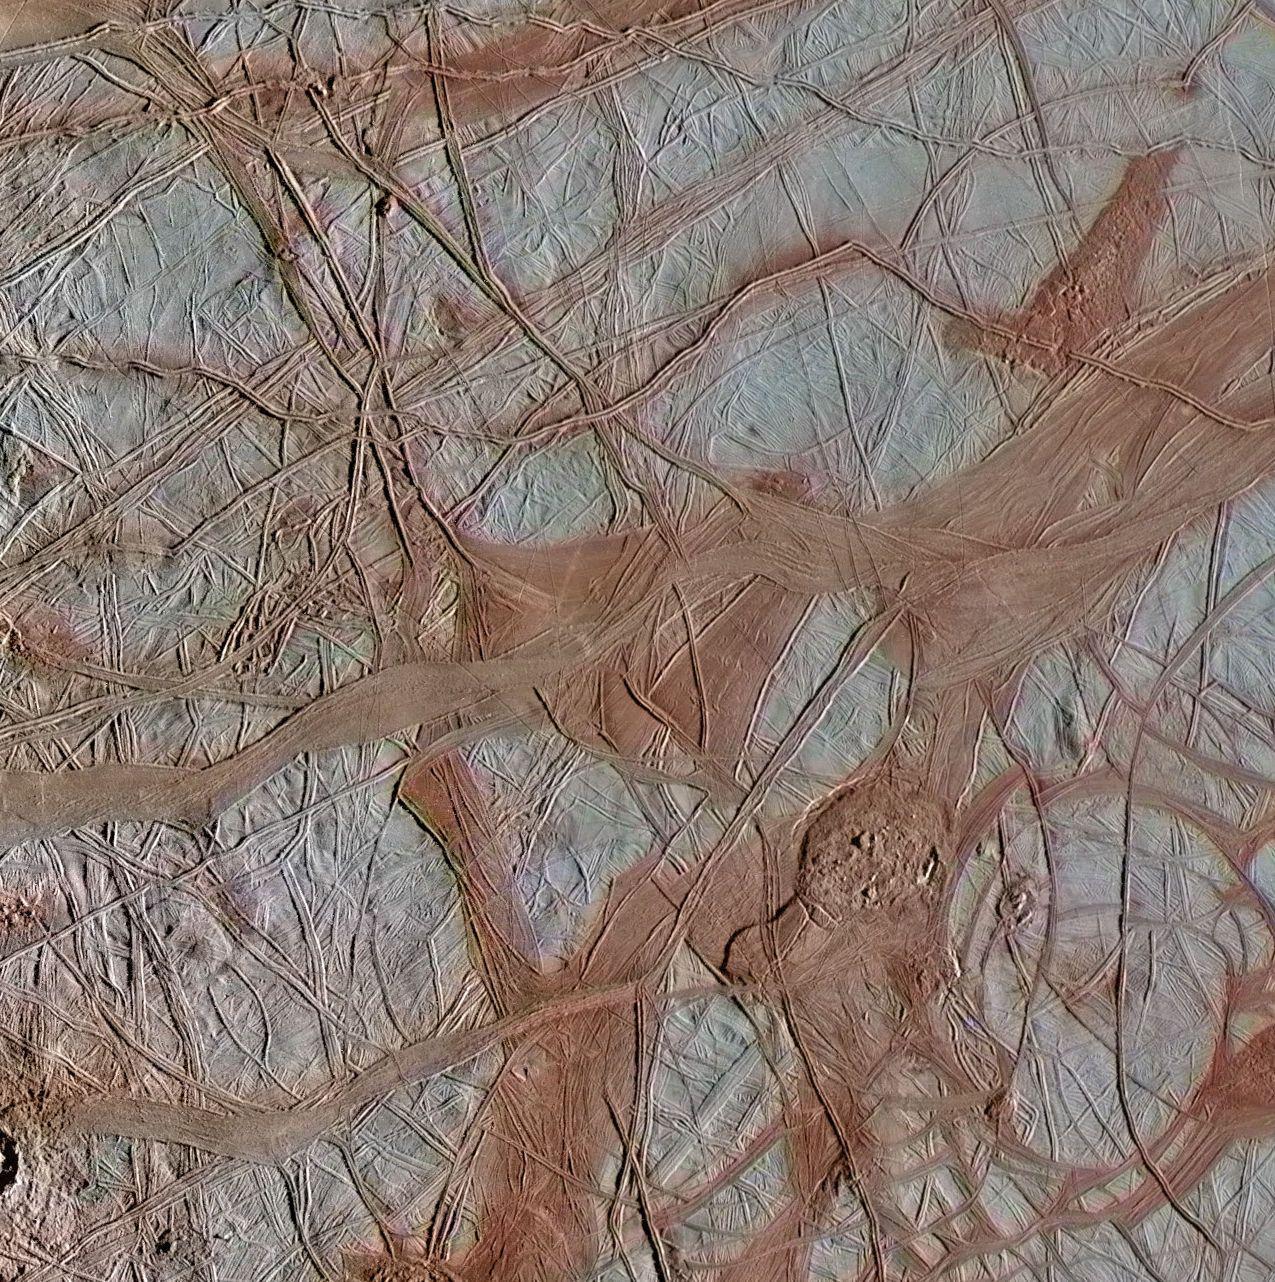 Höhenrücken auf dem Jupitermond Europa. (Credits: NASA / JPL-Caltech / SETI Institute)